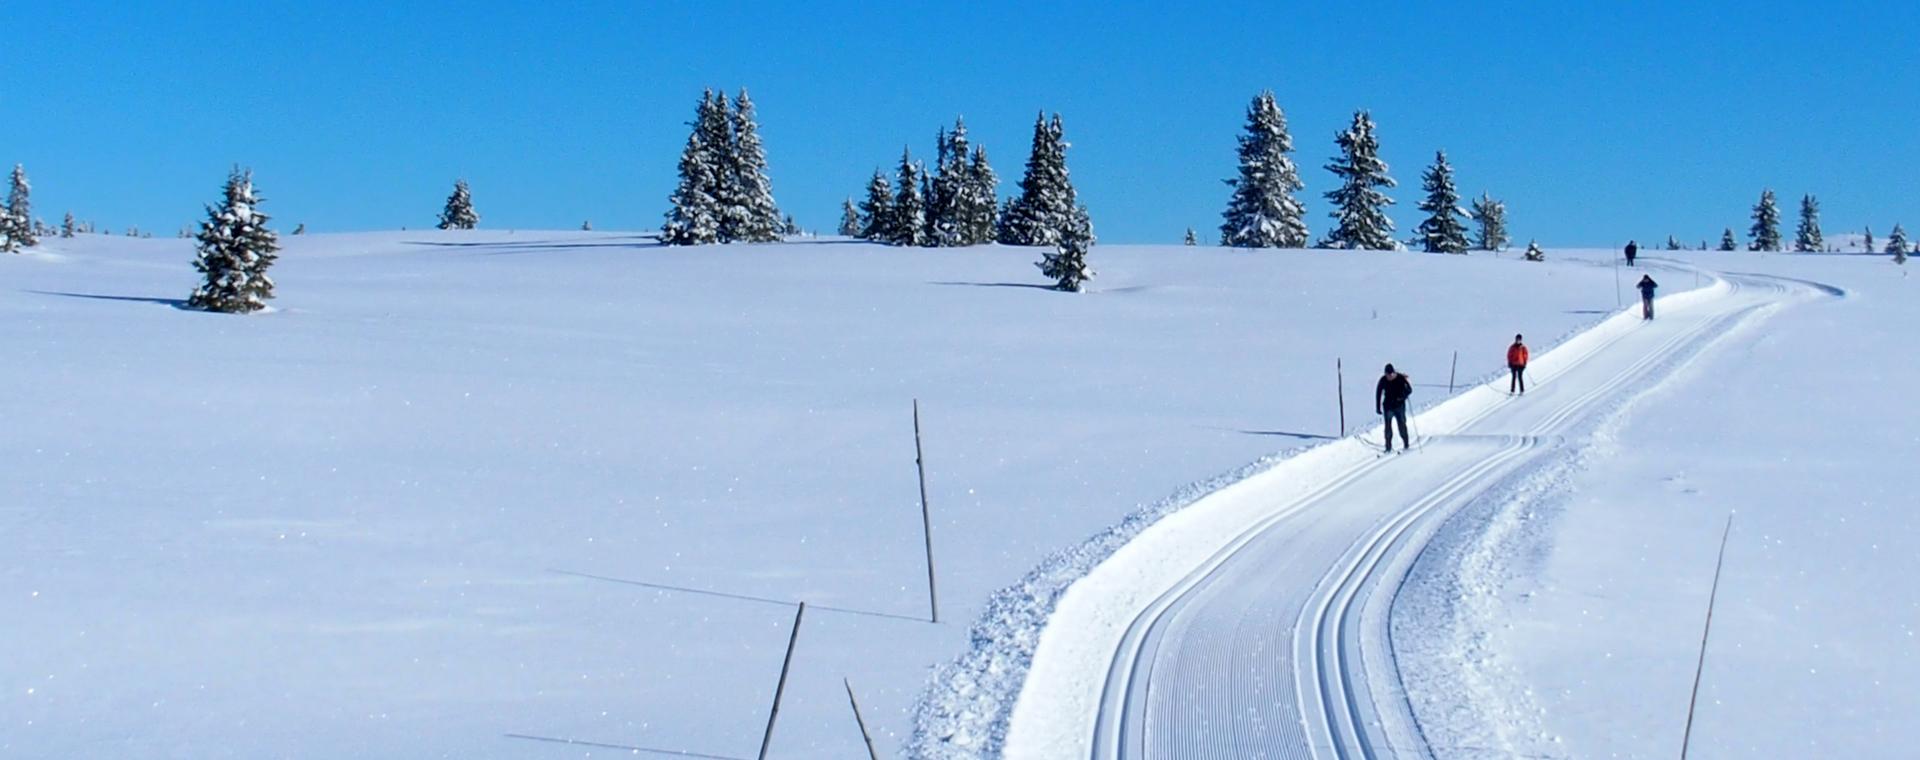 Image Séjour ski de fond à Golsfjellet